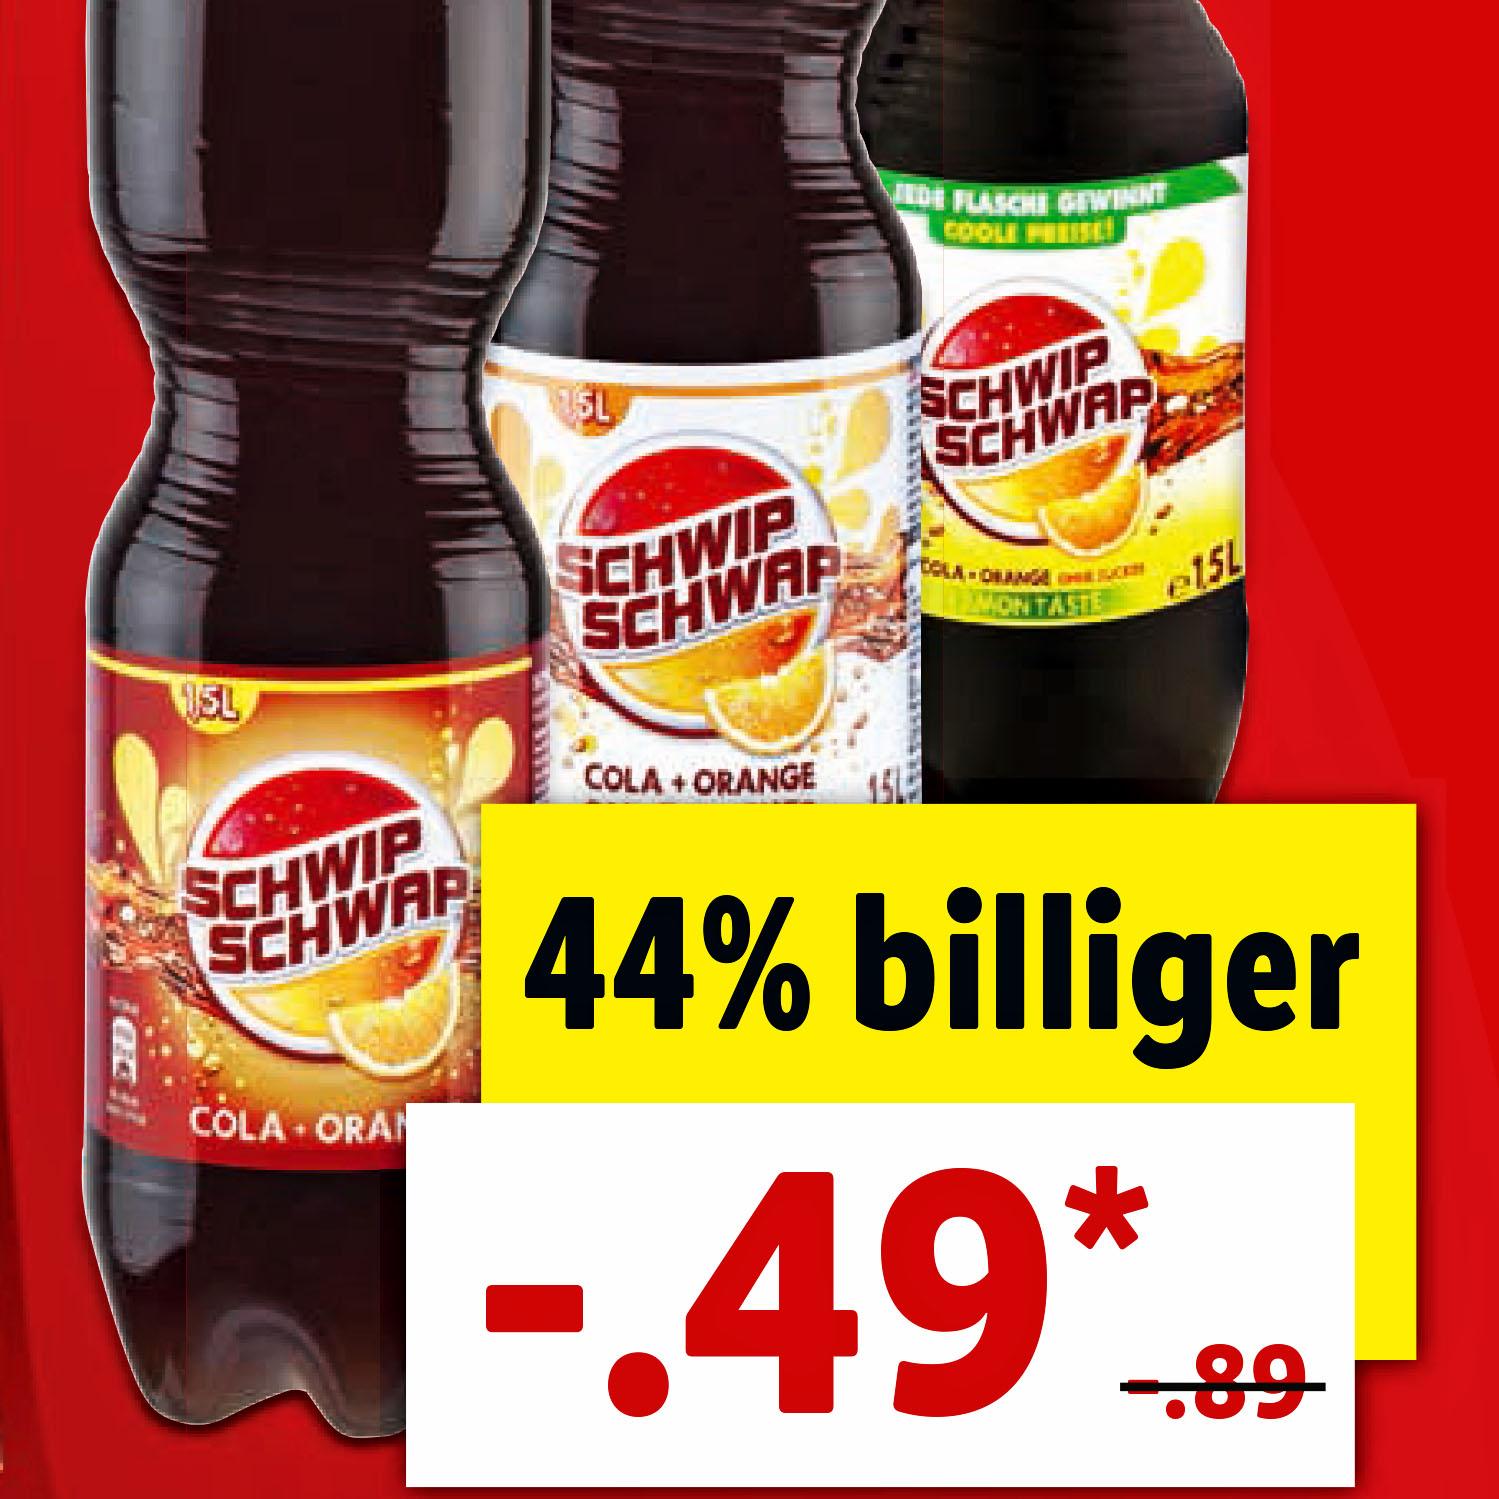 Schwip Schwap je 1,5 l Flasche für nur 0,49 € bei (Lidl)